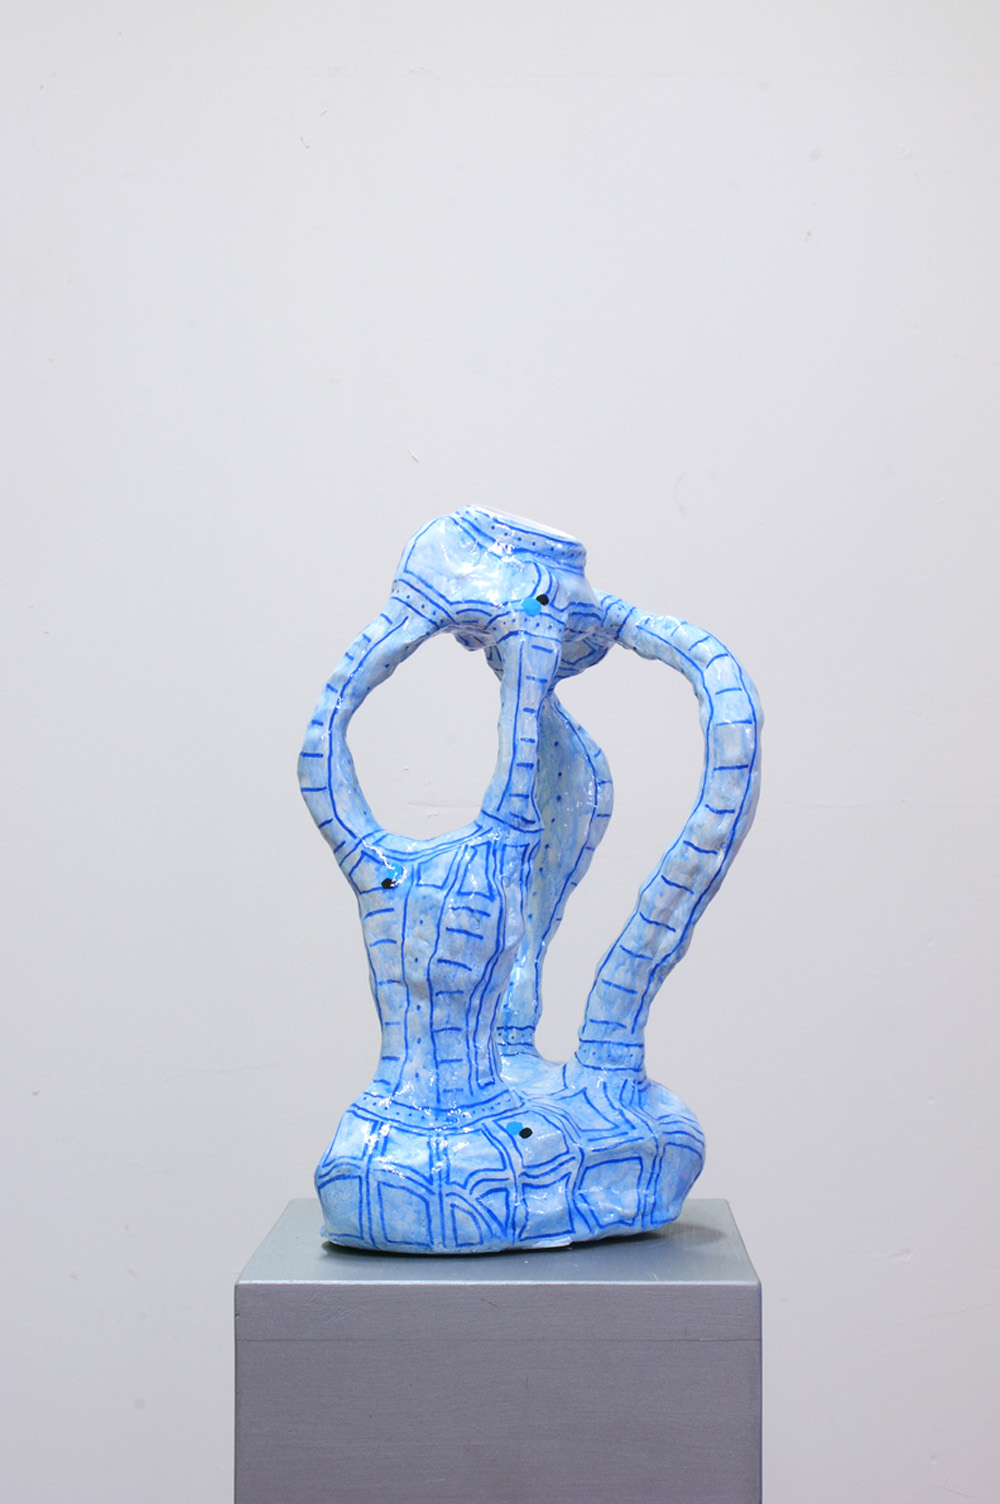 Davide Mancini Zanchi, Tazzina da caffè (#beakseverywhere), 2018, tazzina da caffè incastonata su scultura in finta ceramica, cm 35x20x14